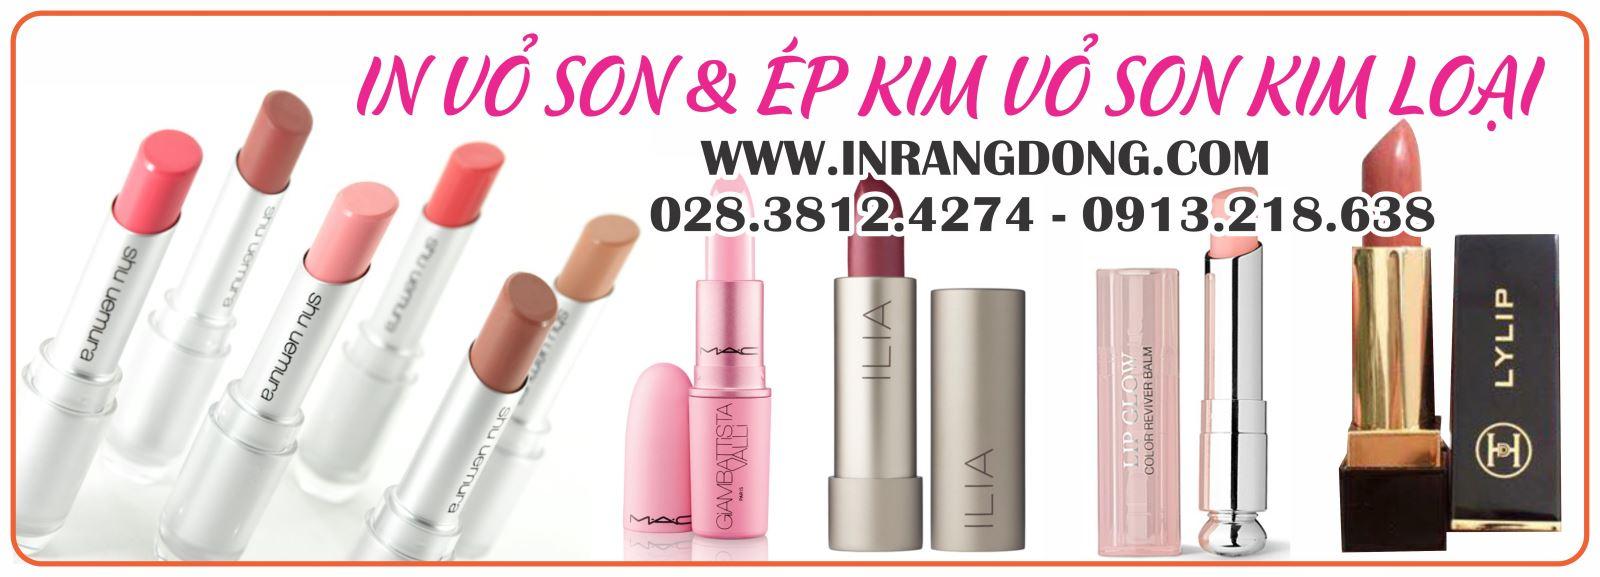 IN VỎ SON - ÉP KIM VỎ SON